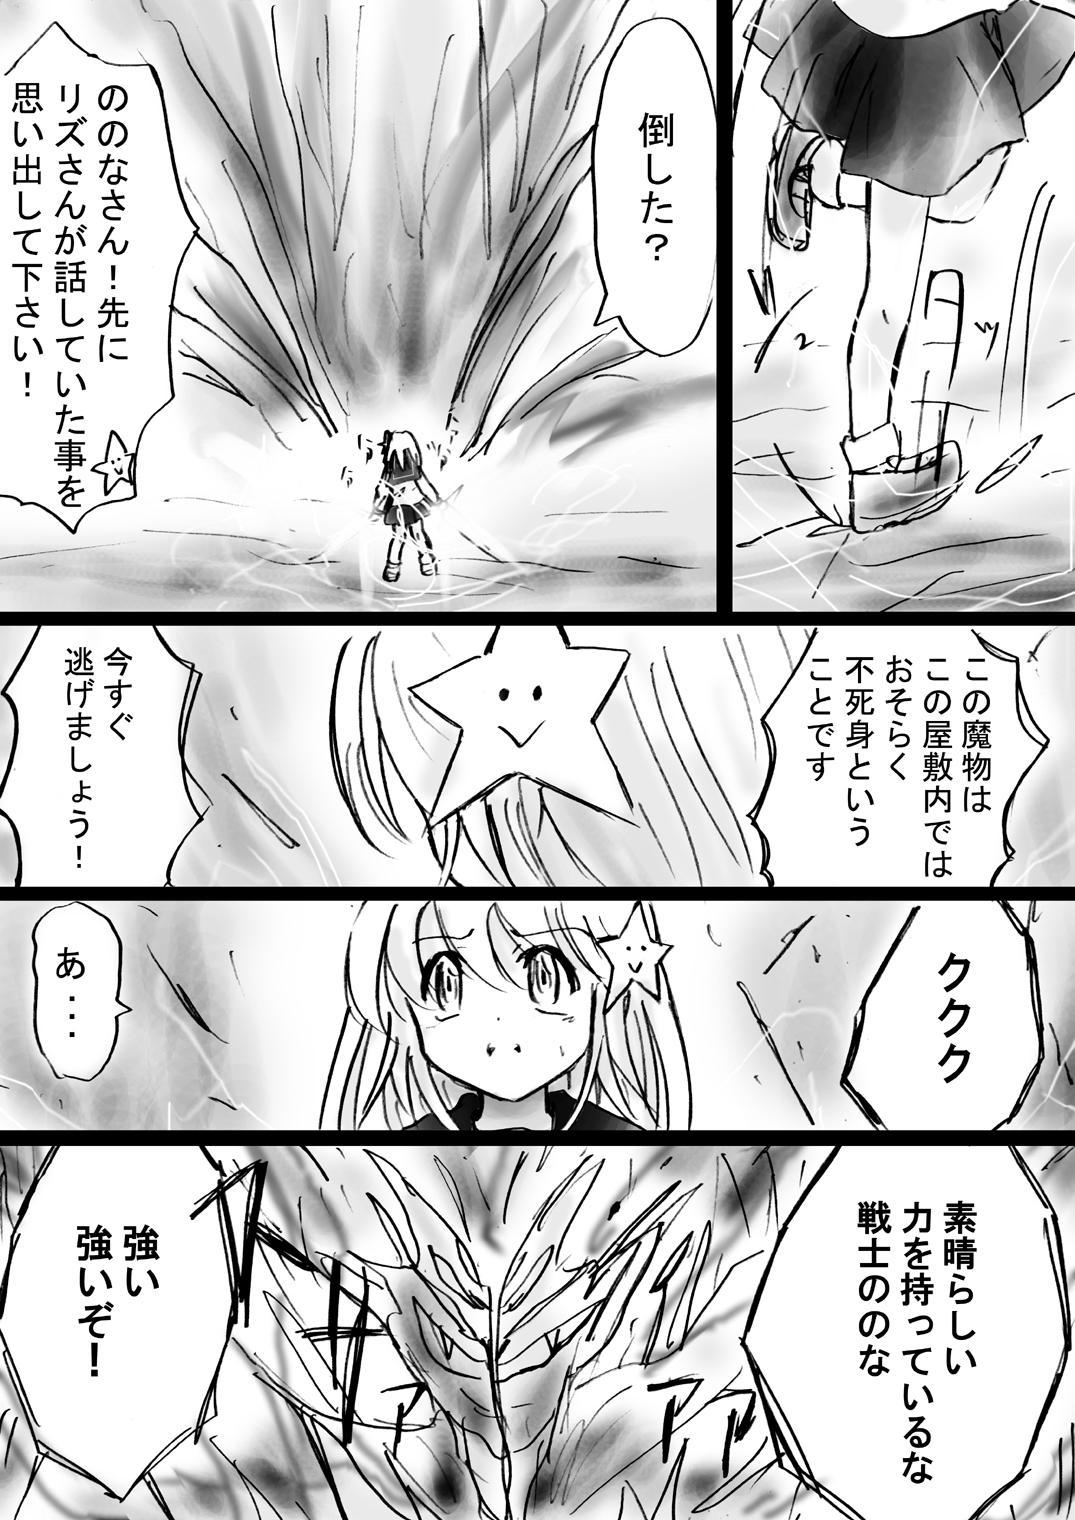 [Dende] Fushigi Sekai -Mystery World- no Nona 17 ~ Taiketsu Fujimi no Dai Inma Dakurasu, Kanzen Sekka no Kyoufu 60